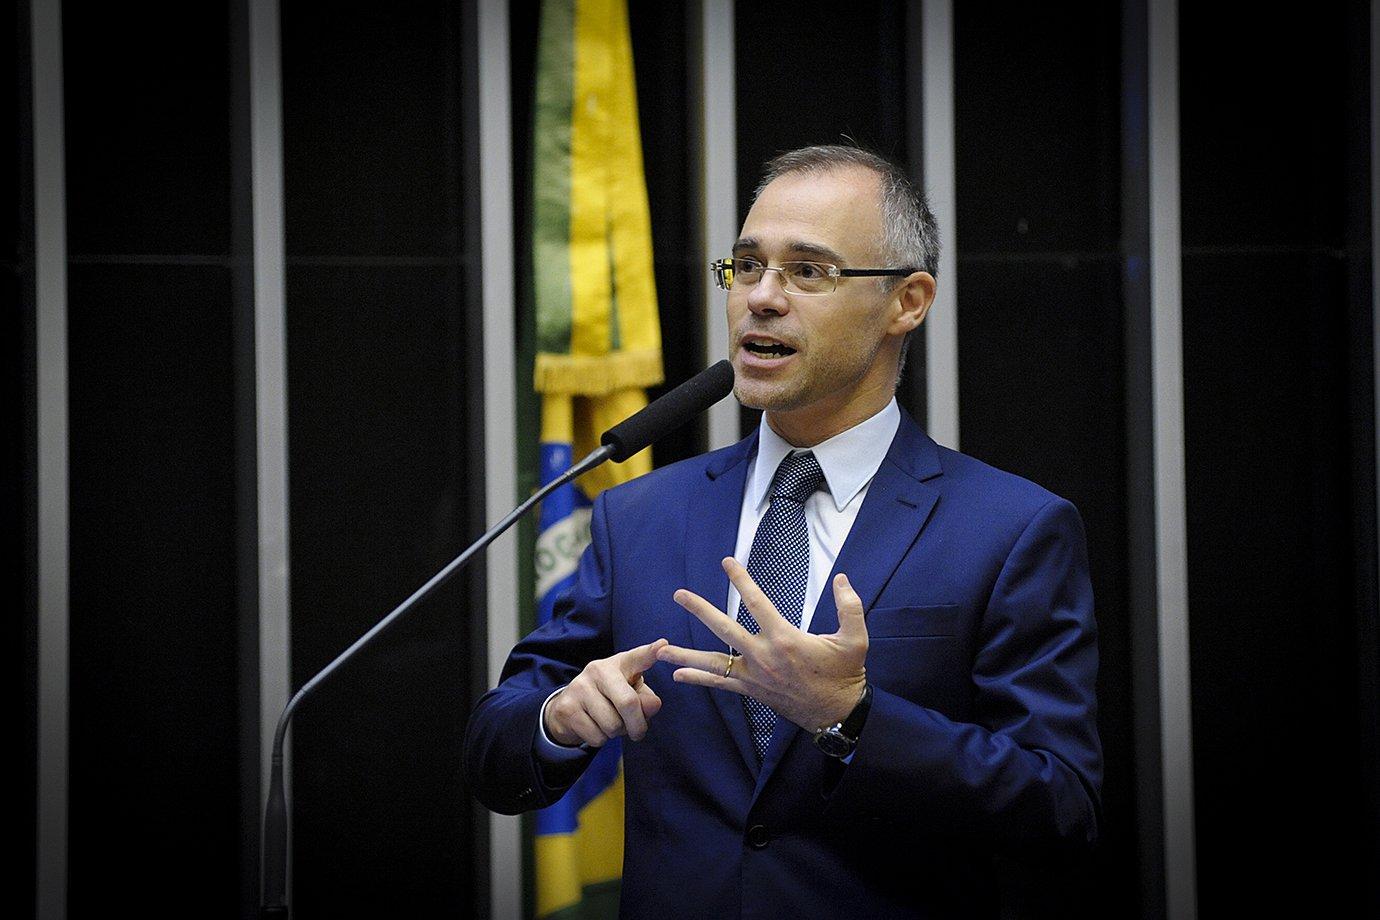 André Mendonça é nomeado ministro da Justiça do governo Bolsonaro